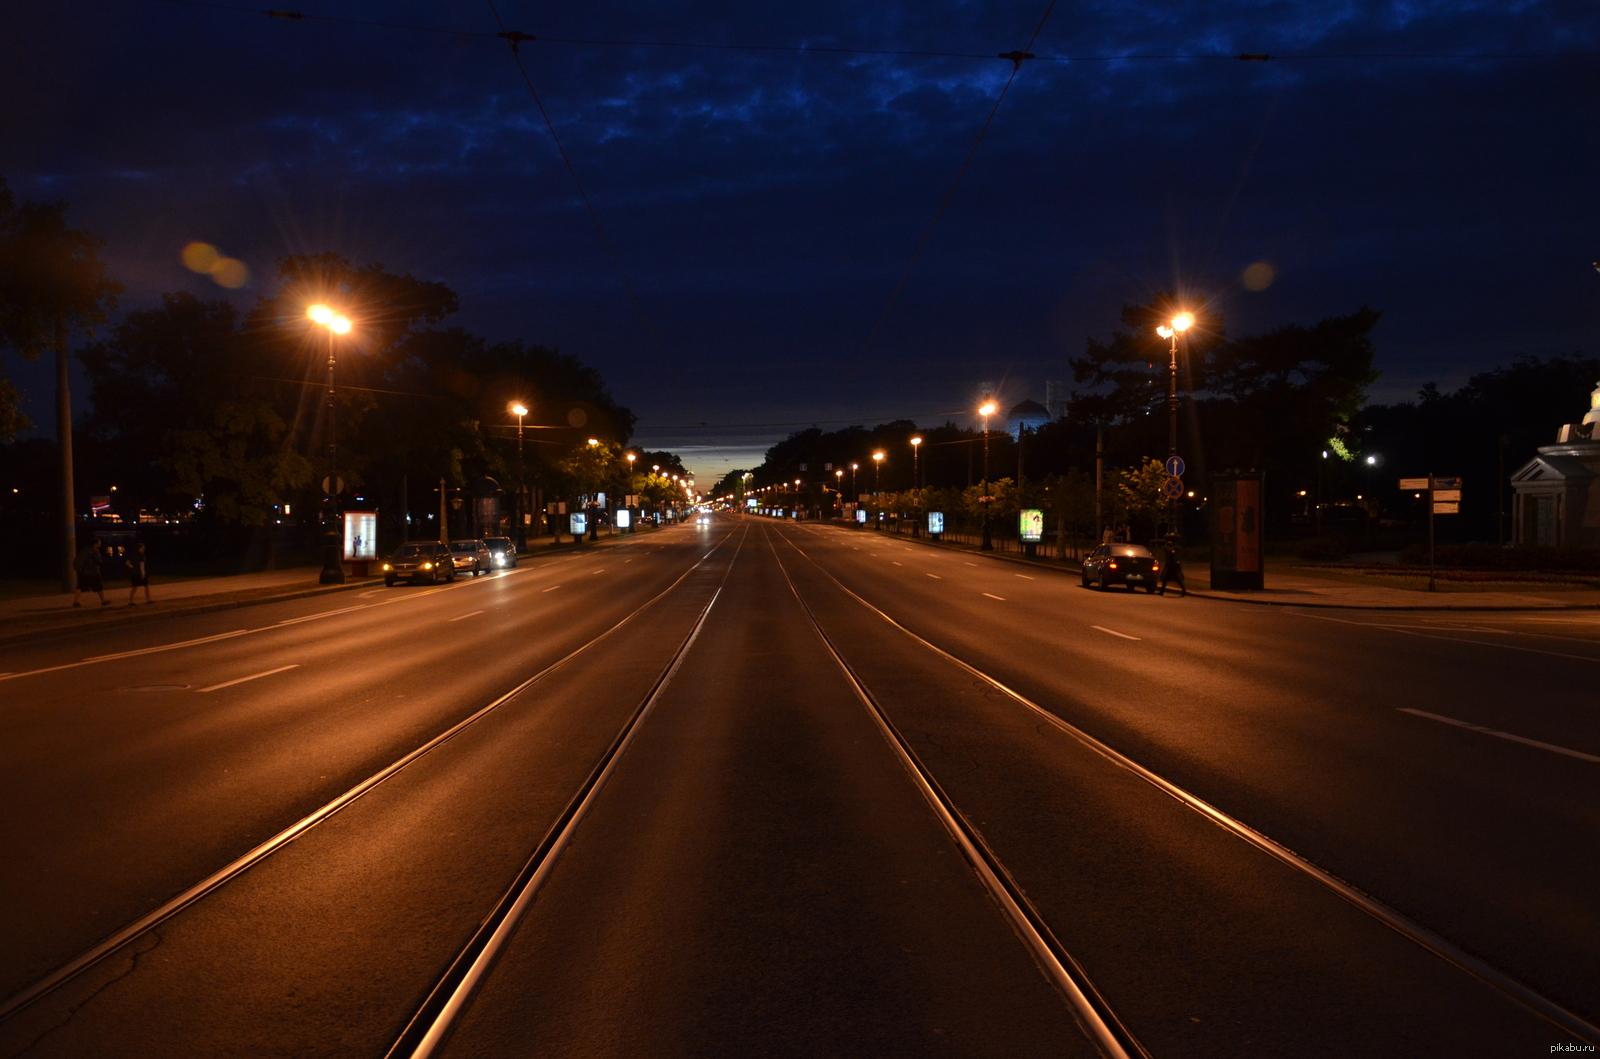 красивое фото ночной трассы из авто искандер означает склонность